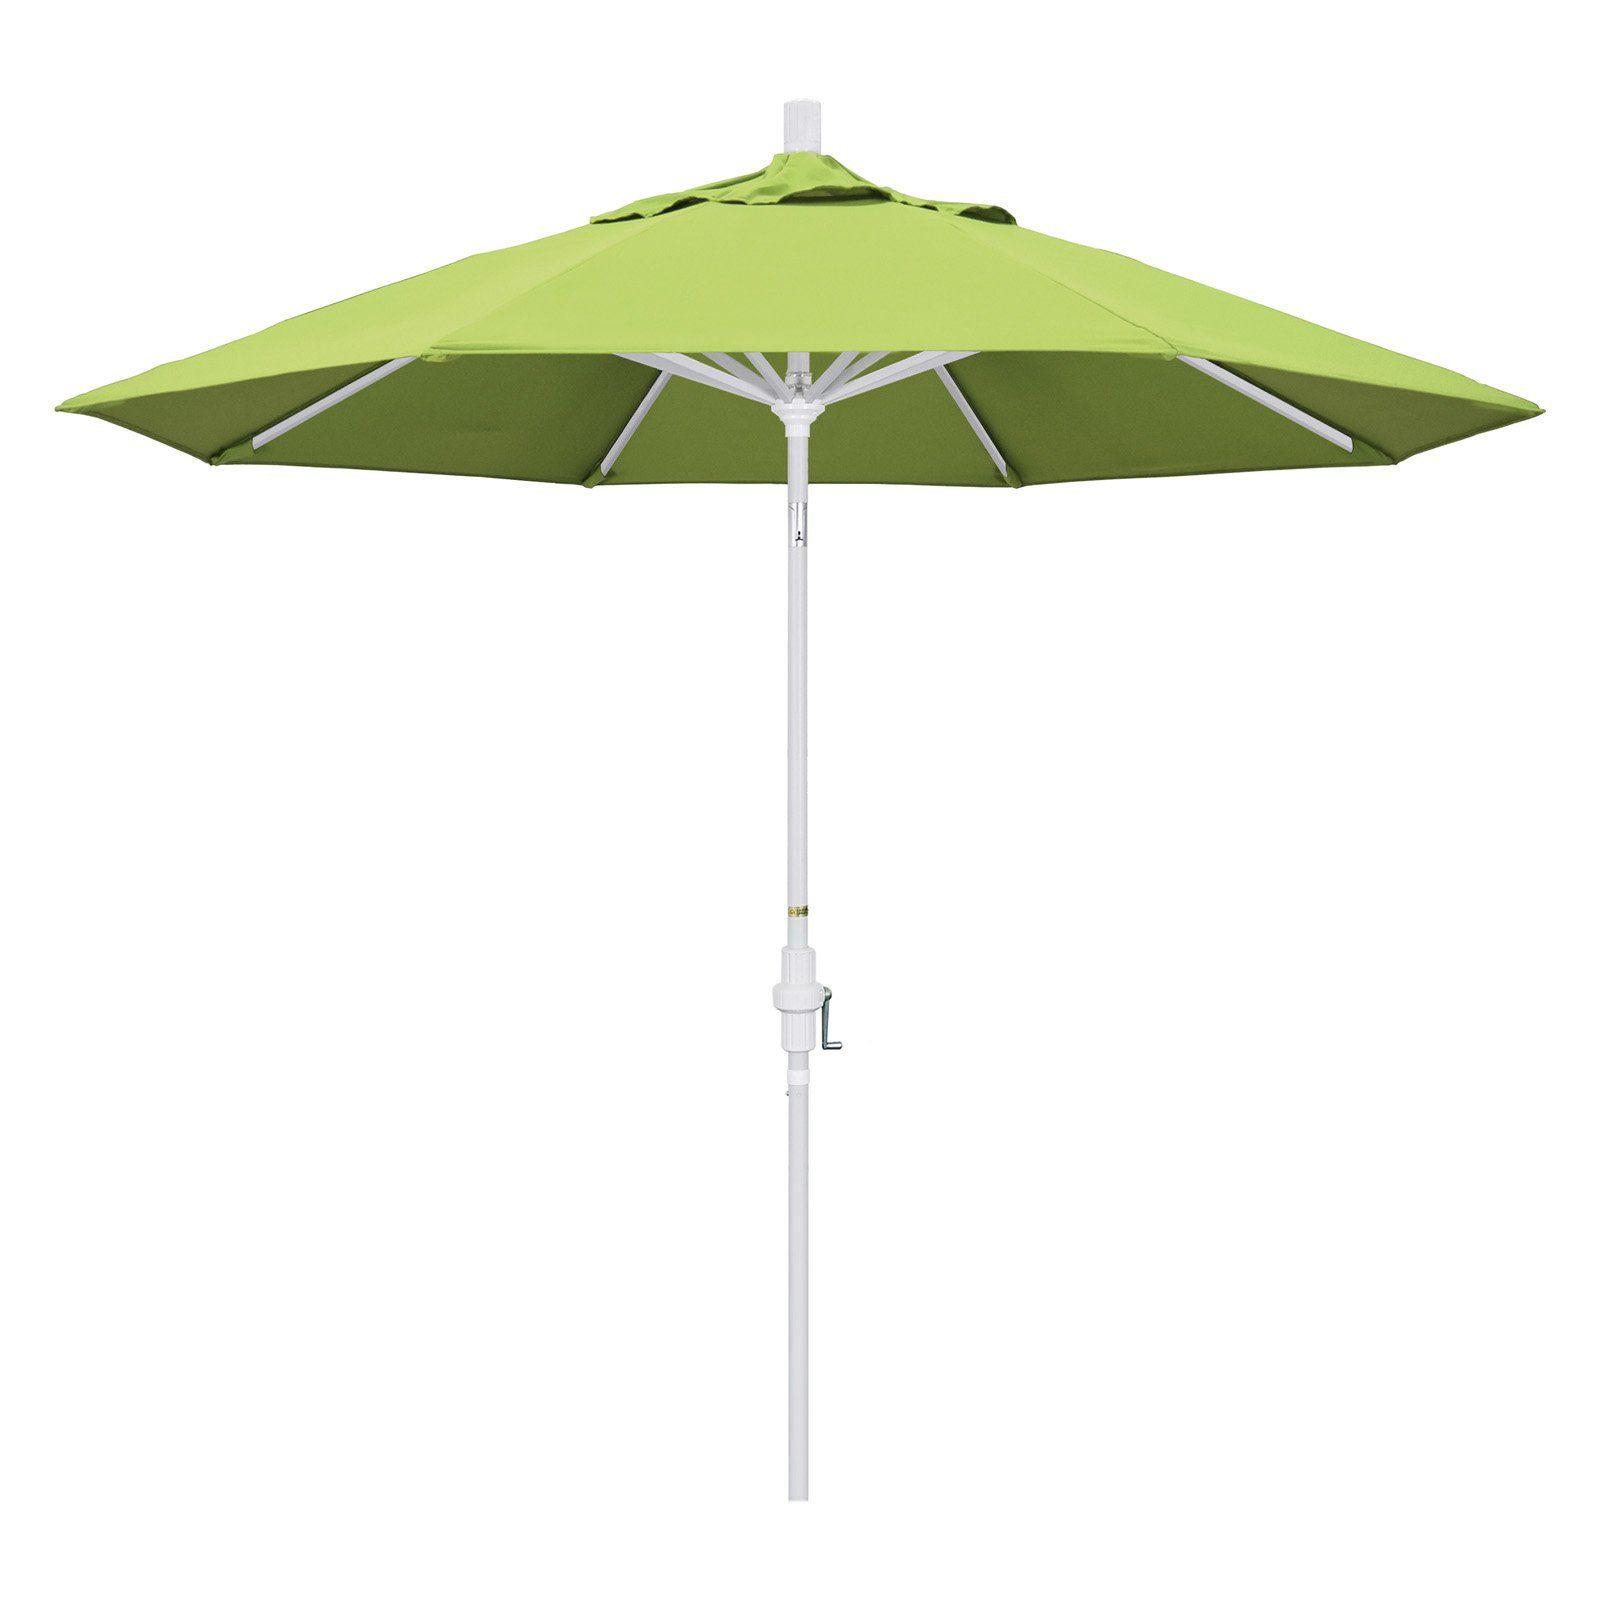 California Umbrella 9 Ft Sunbrella Aluminum Single Vent Tilt